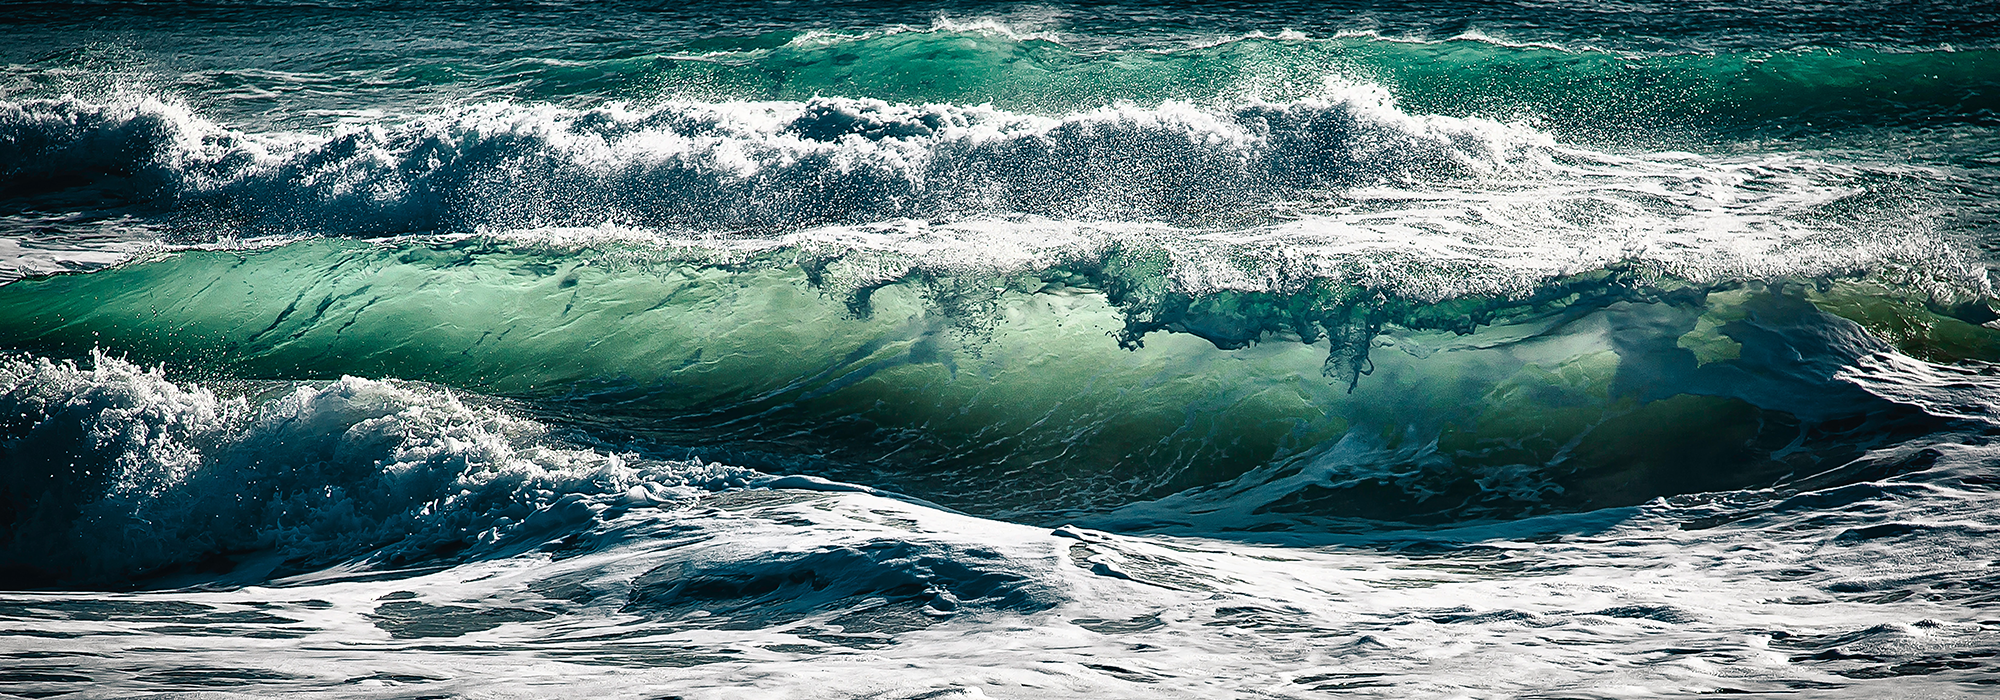 waves - Mach´s wie Nikolaus: schenke, spende, rette